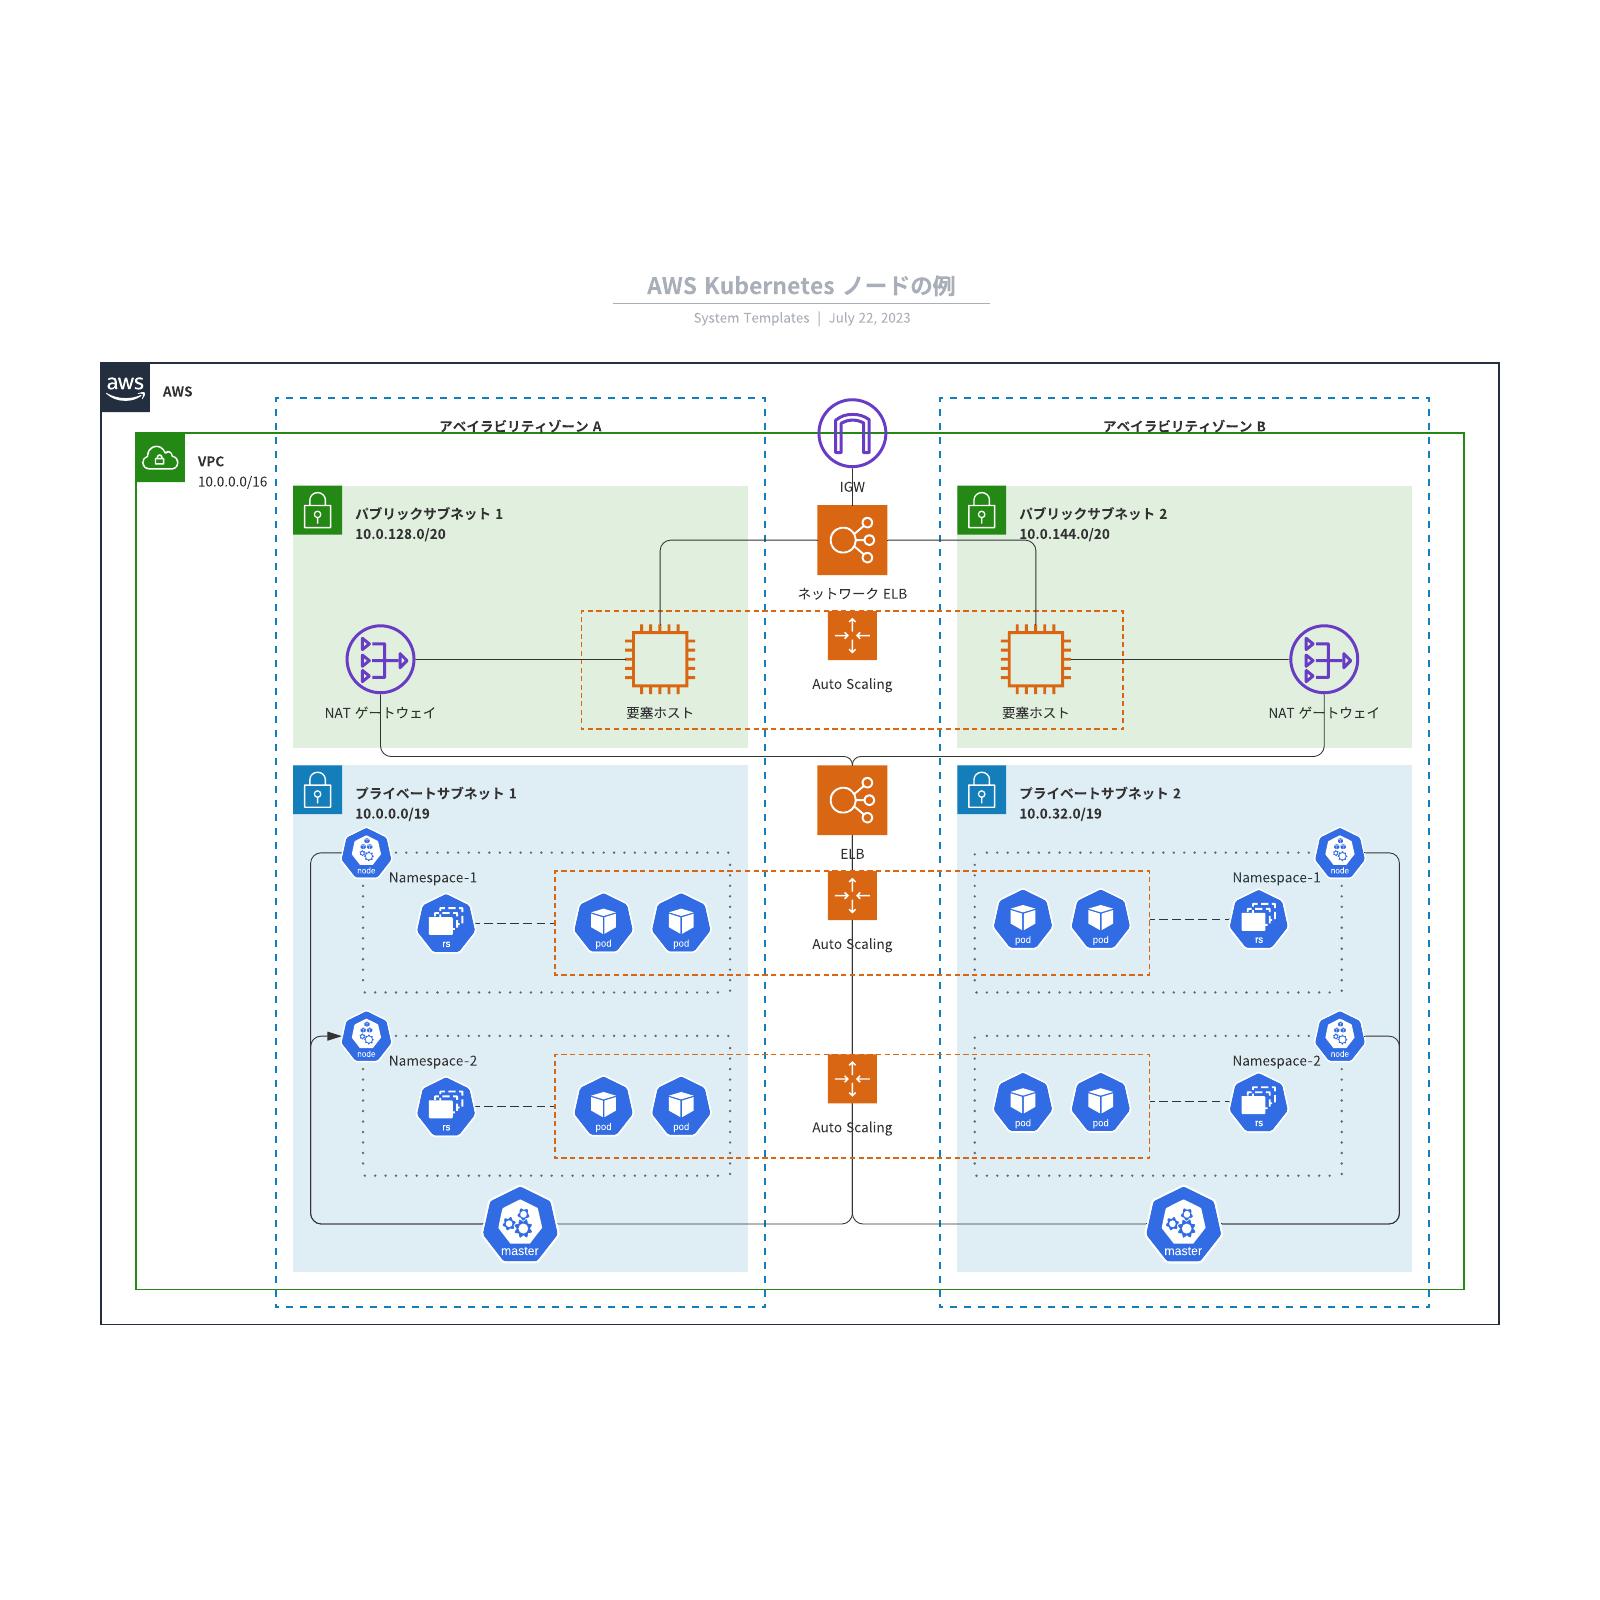 Amazon Web Services Kubernetesノードリファレンスアーキテクチャ